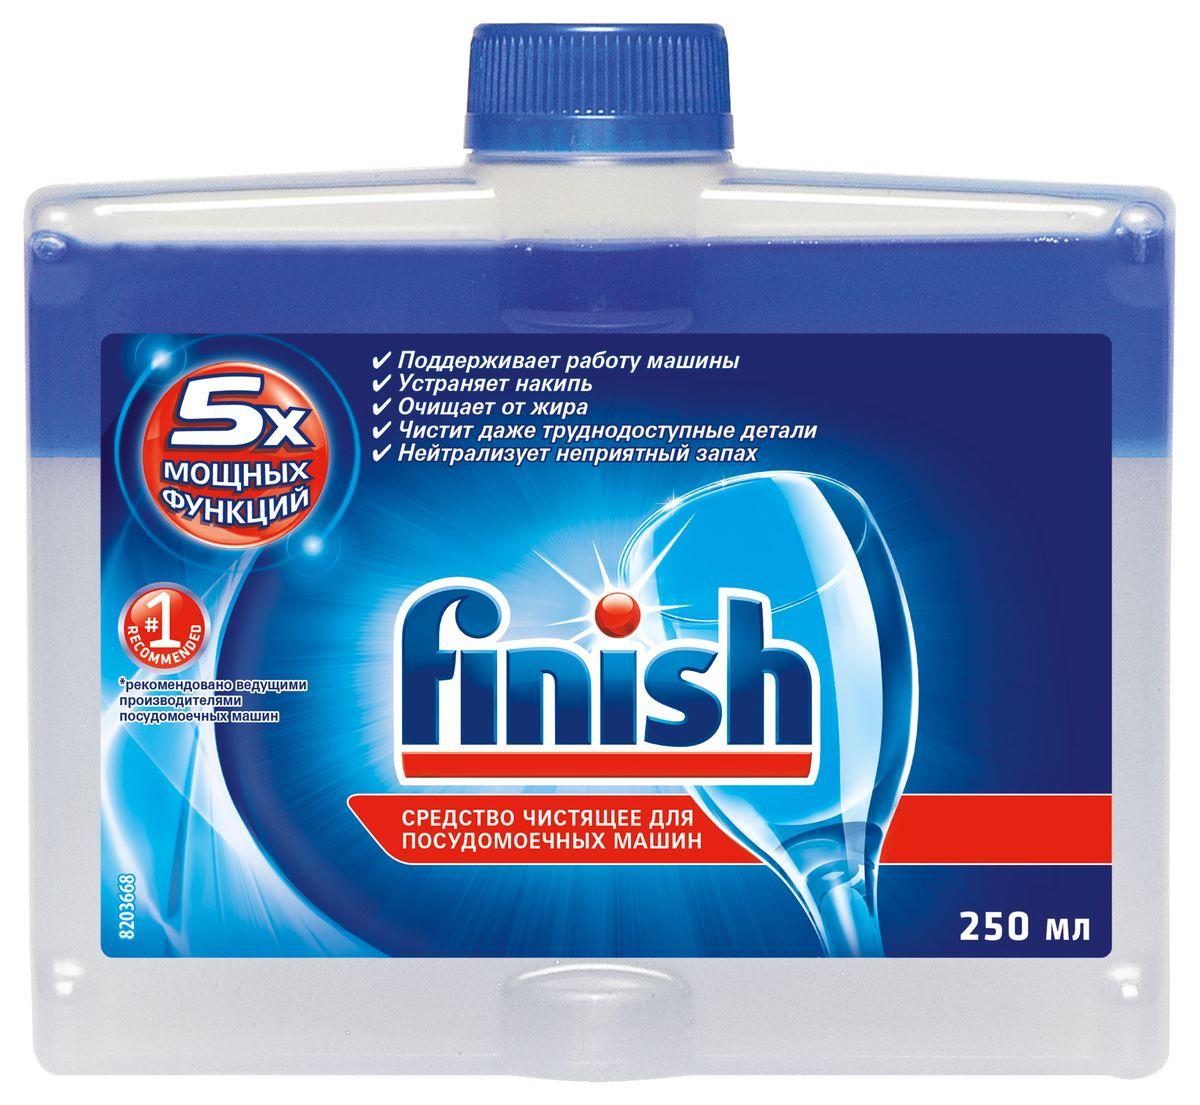 Finish Очиститель для ПММ, 250 мл7502601Очиститель для посудомоечных машин Finish удаляет жир и известковый налет в посудомоечной машине, и ваша посуда буквально сияет чистотой.Поддержание работы посудомоечной машины: - устранение накипи;- очищение от жира;- очищение труднодоступных деталей посудомоечной машины;- нейтрализация неприятного запаха.Очиститель для посудомоечных машин Finish удаляет жир и известковый налет в посудомоечной машине и ваша посуда буквально сияет чистотой. Жир и известковый налет скапливаются на поверхности важнейших внутренних деталей посудомоечной машины, что оказывает влияние на качество мытья посуды.Очиститель Finish удаляет жир и известковый налет: благодаря ему ваша посудомоечная машина всегда идеально чистая и благоухает свежестью! Чистая посудомоечная машина - чистая посуда! Состав: 5% или более, но менее 15% неионные ПАВ, ароматизатор.Товар сертифицирован.